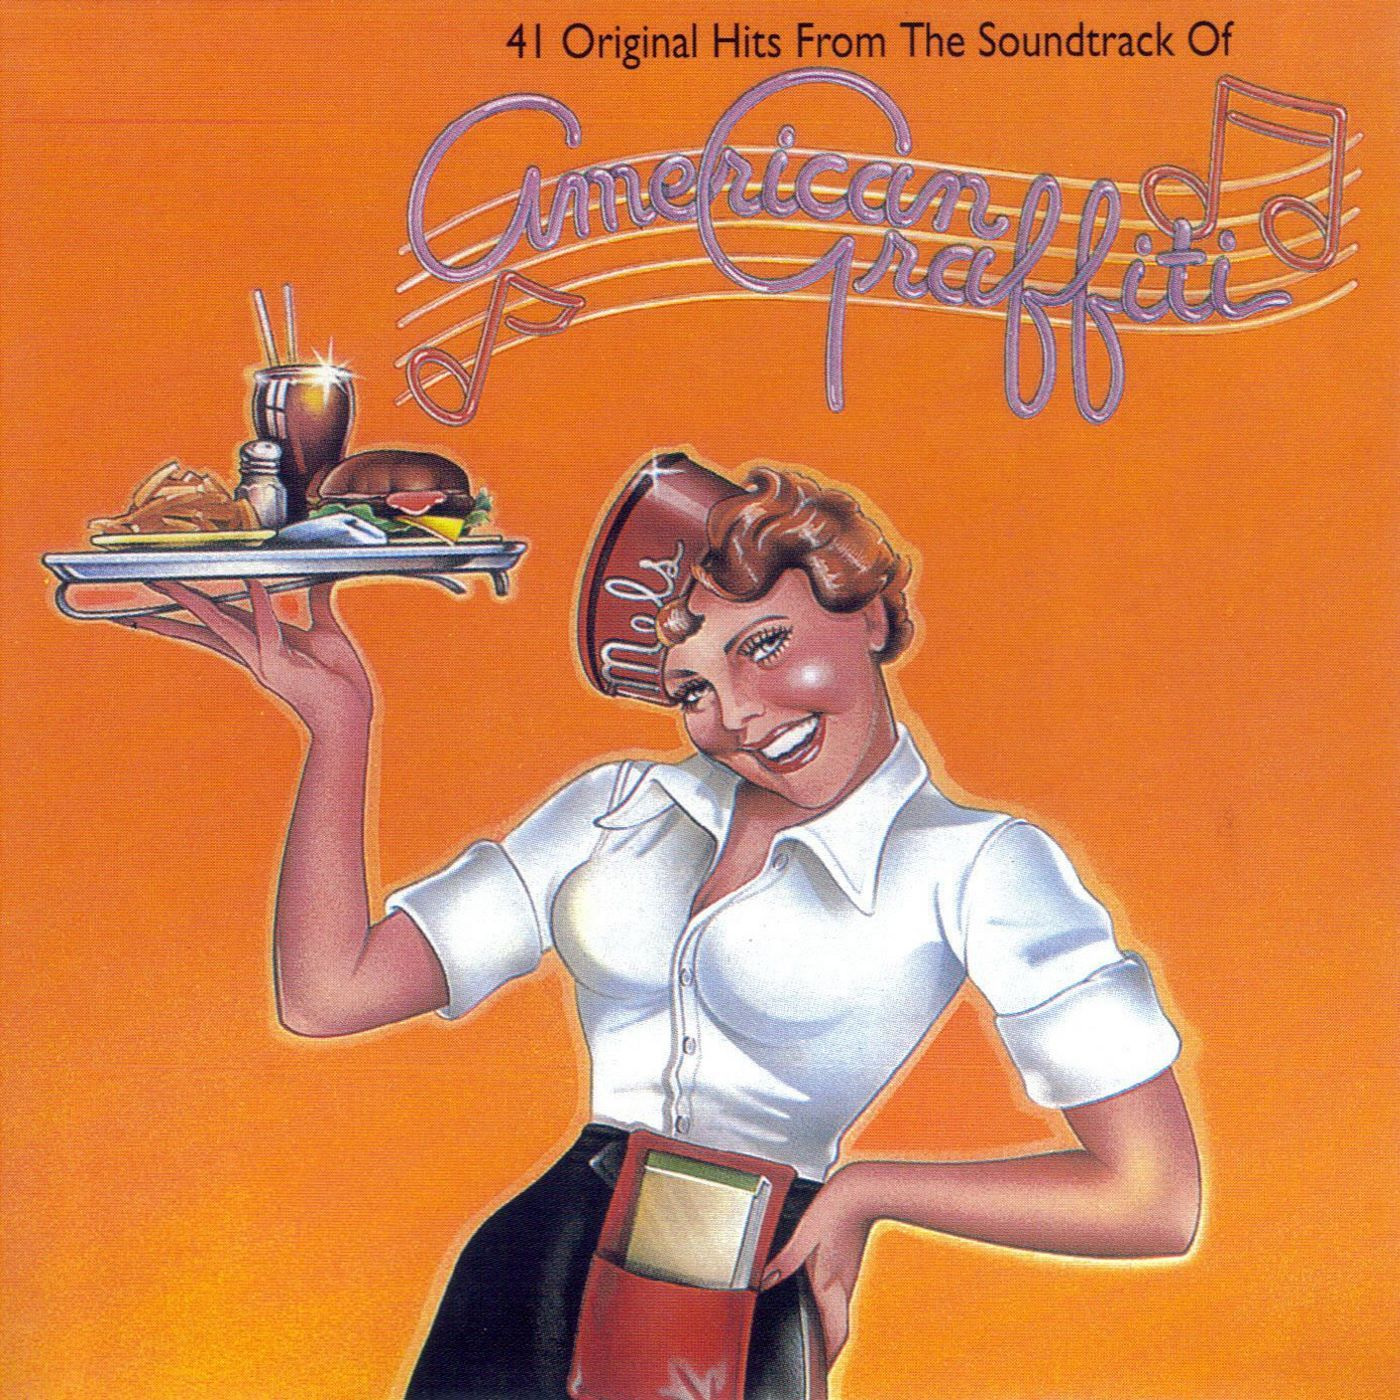 American Graffiti Movie Soundtrack 1973 American Graffiti Movie Soundtracks Vinyl Record Album